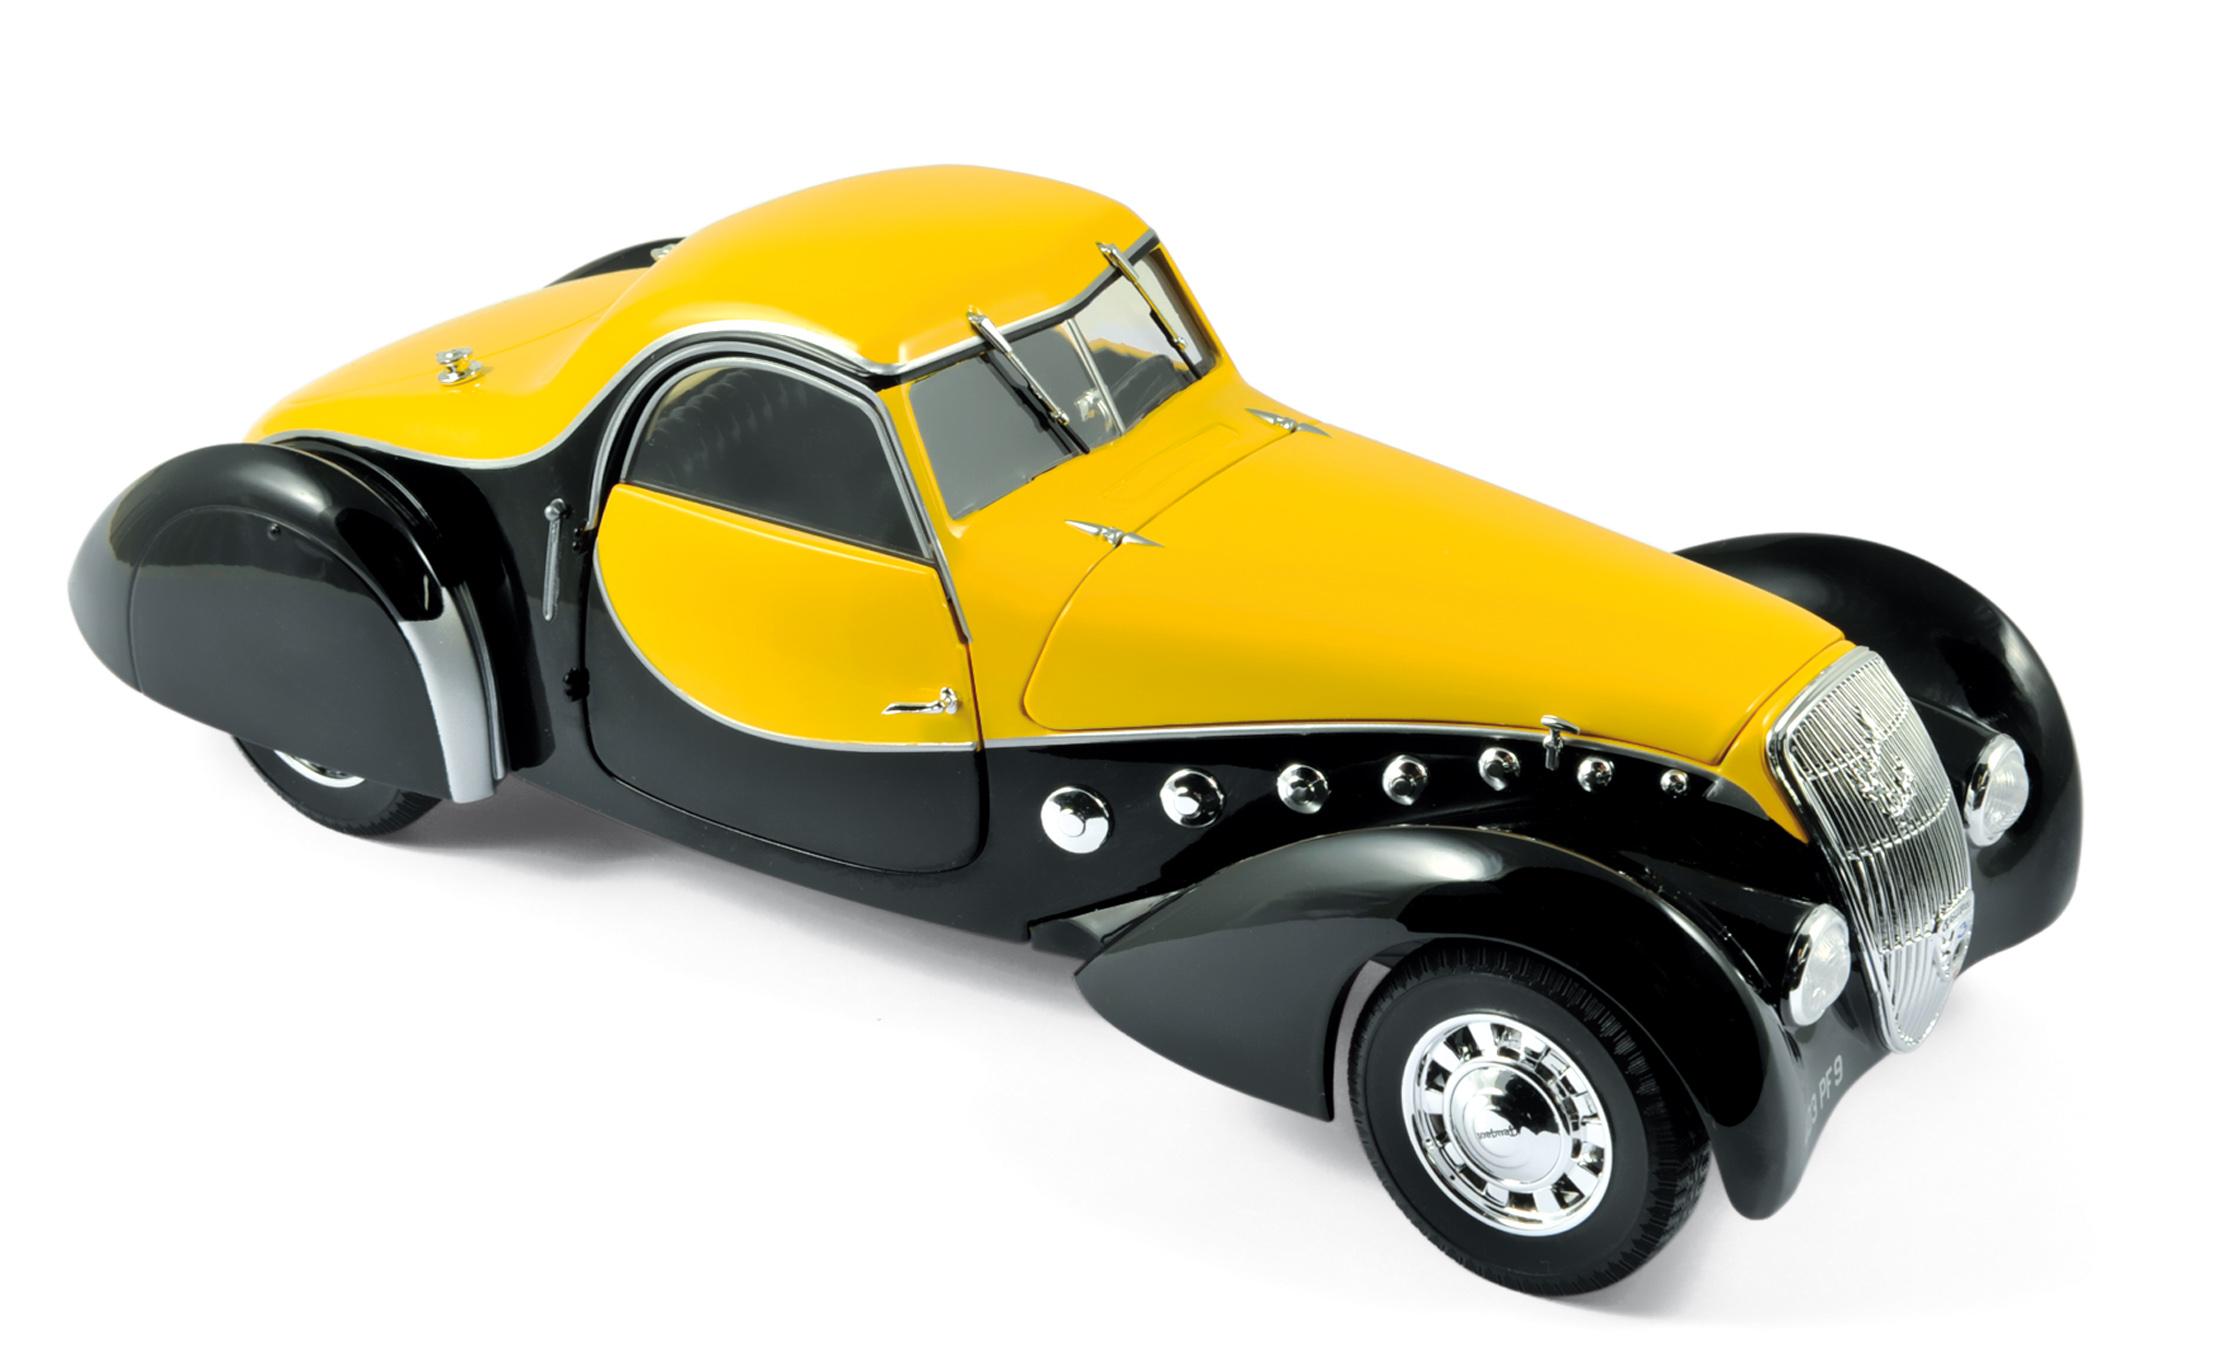 184716 Peugeot 302 Darl'Mat coupé 1937 black / yellow